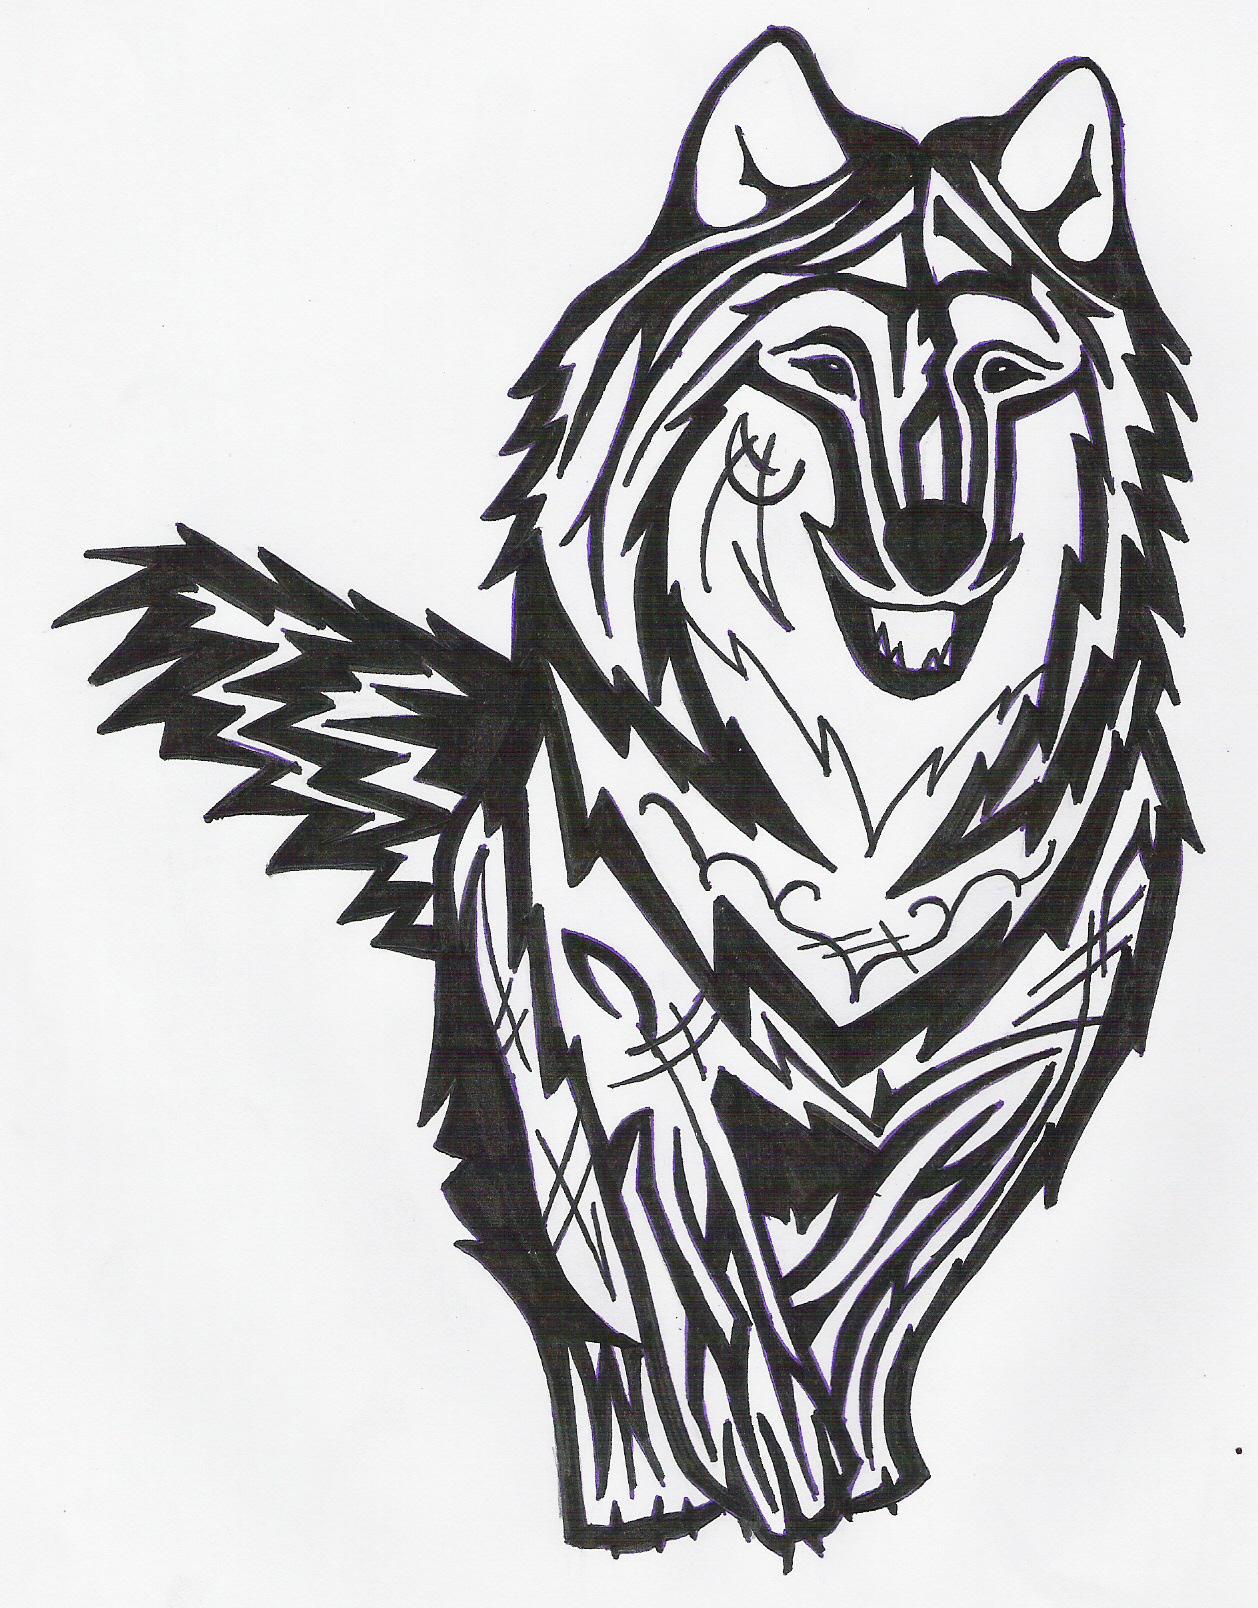 running wolf tattoo by designerdragon on deviantart. Black Bedroom Furniture Sets. Home Design Ideas